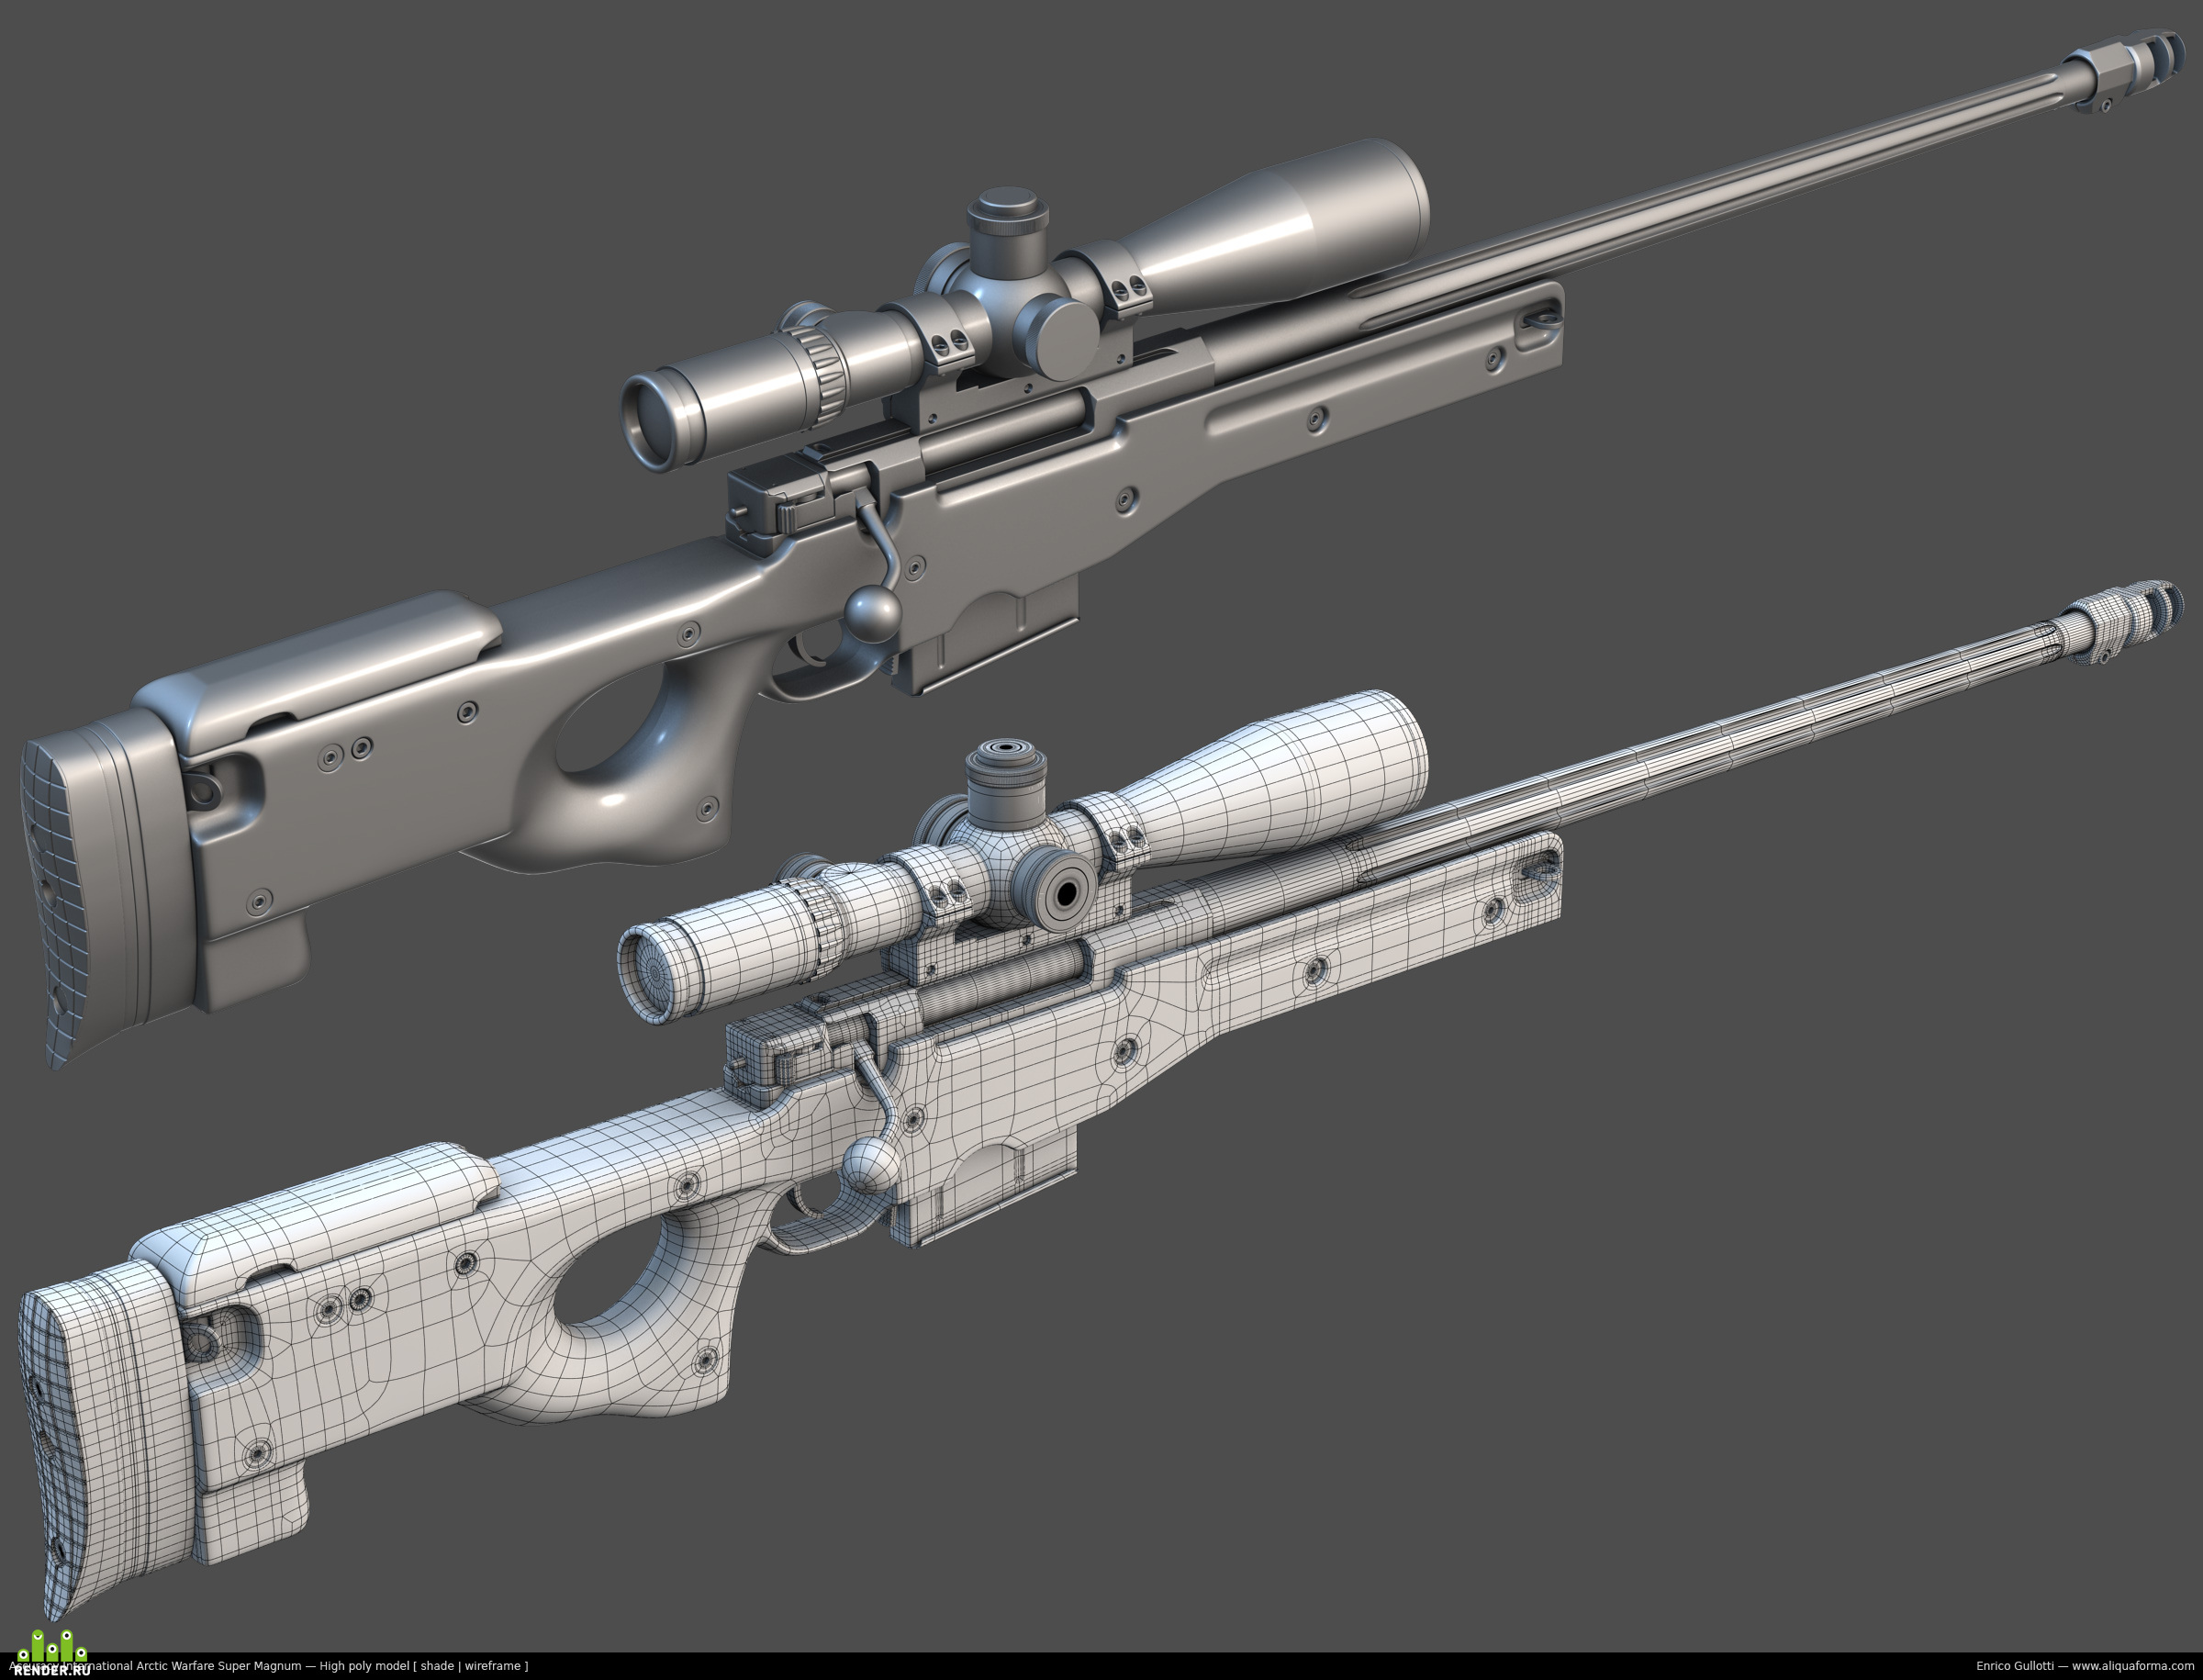 magnum sniper rifle - HD2400×1830